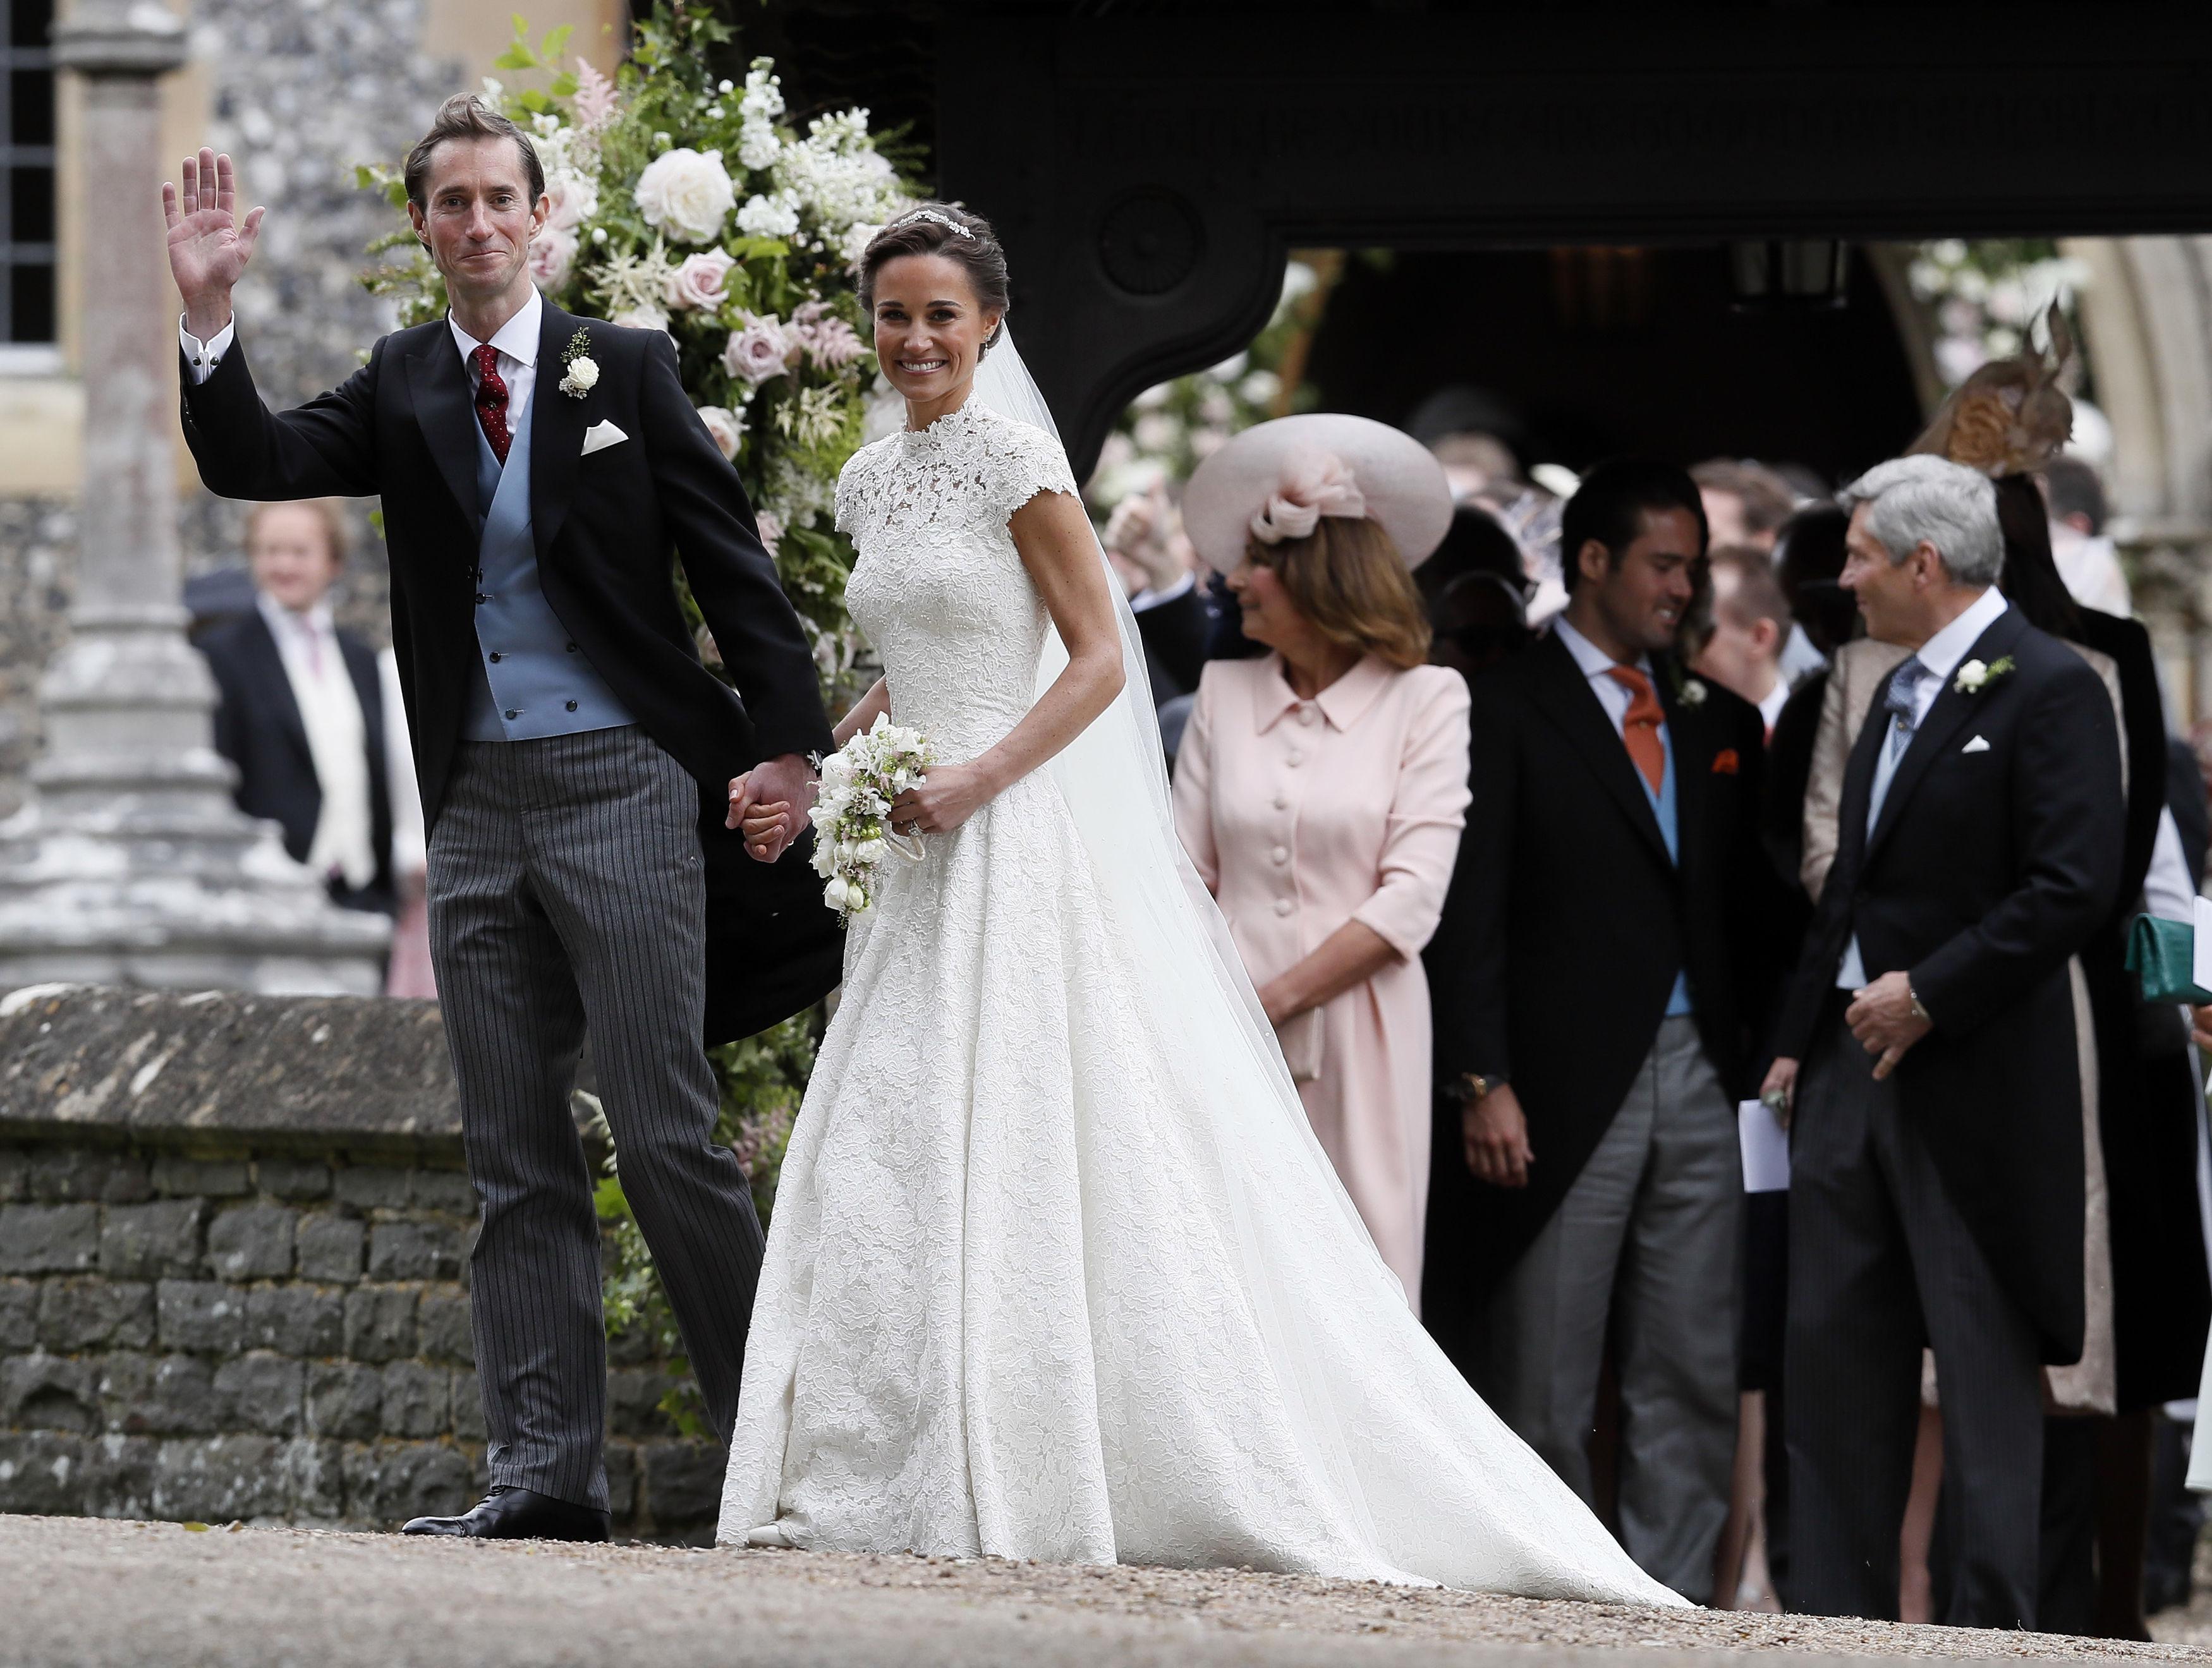 Invitații la nunta Pippei Middleton, răsfățați cu preparate alese. Care a fost meniul la nunta anului din Marea Britanie